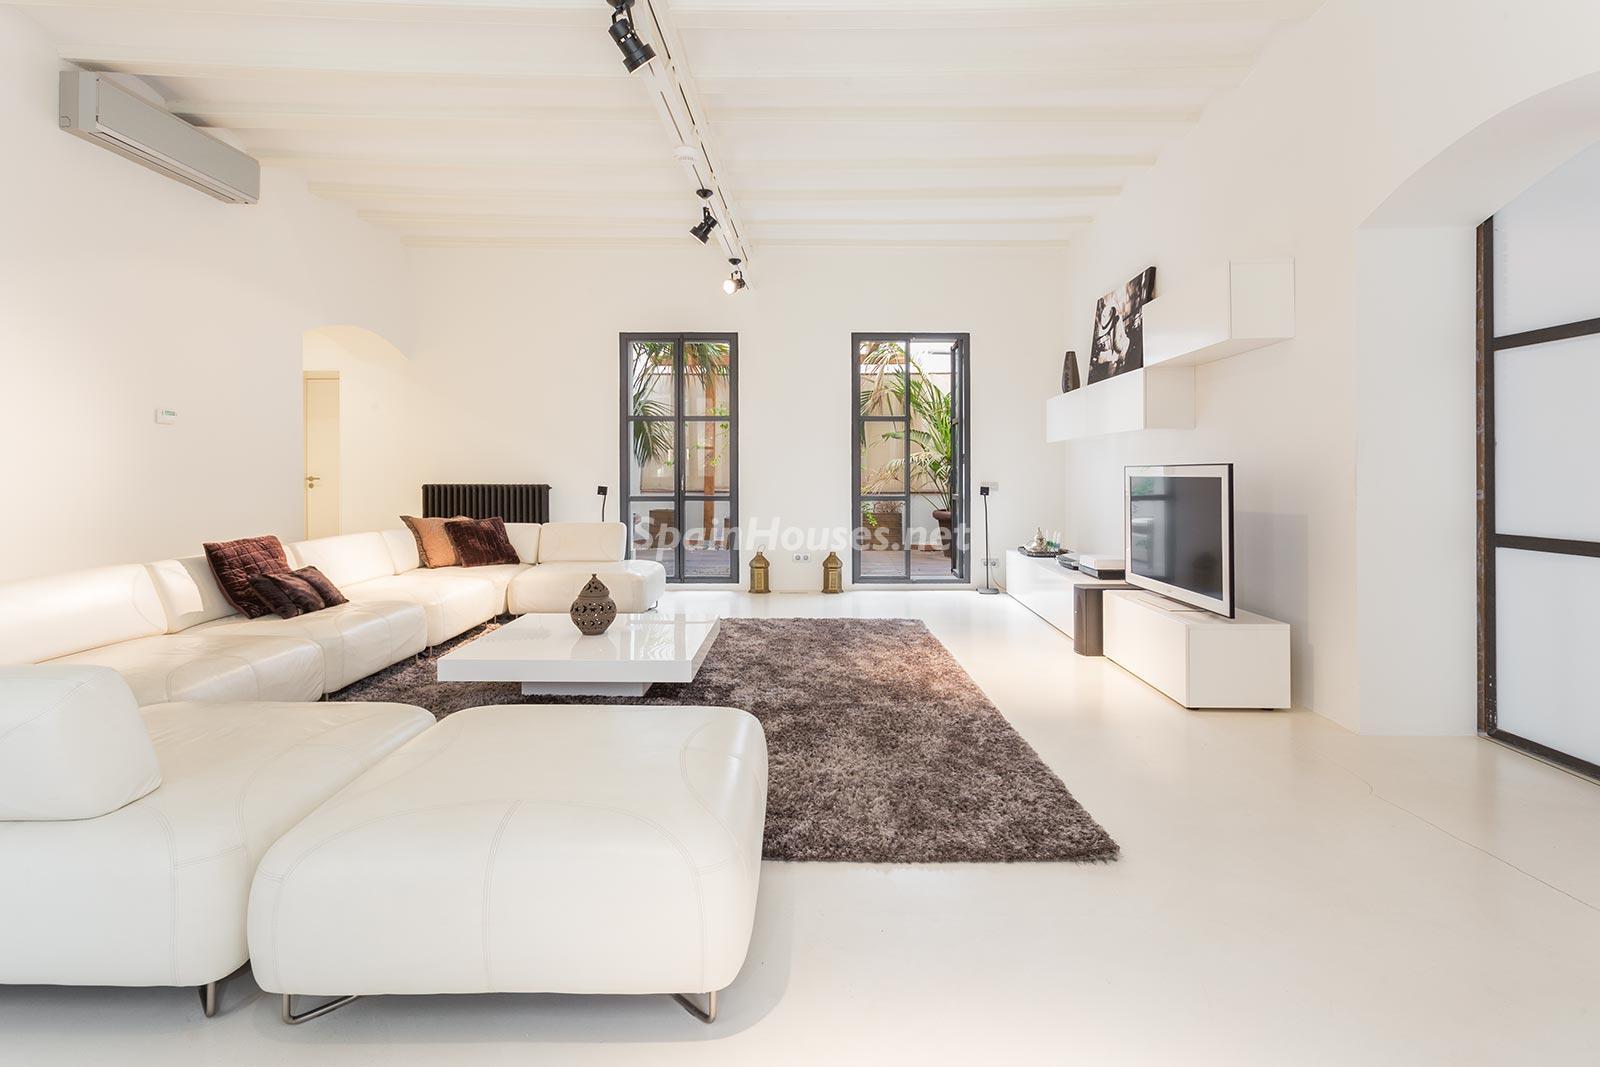 65057482 2048607 foto 436805 - Apartamento minimalista y moderno en pleno Barrio Gótico de Barcelona